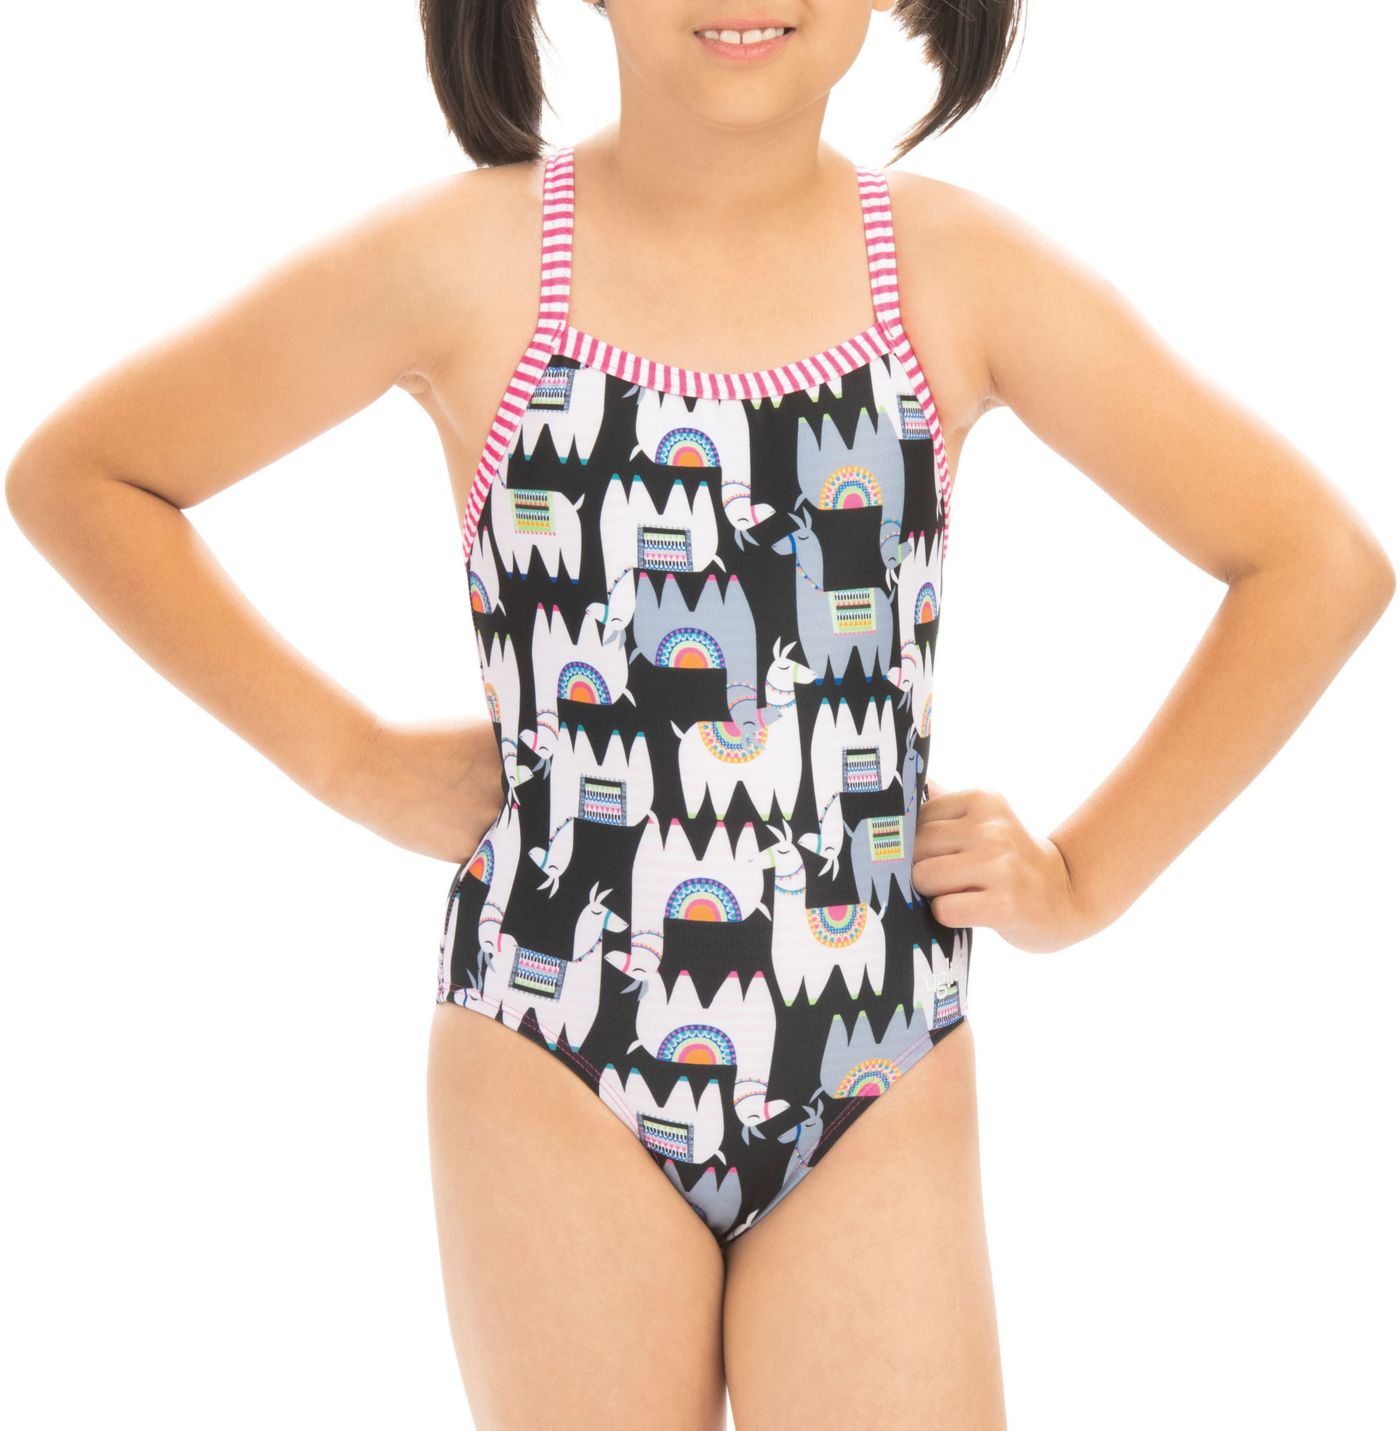 Dolfin Girls' Alpaca Print One Piece Swimsuit